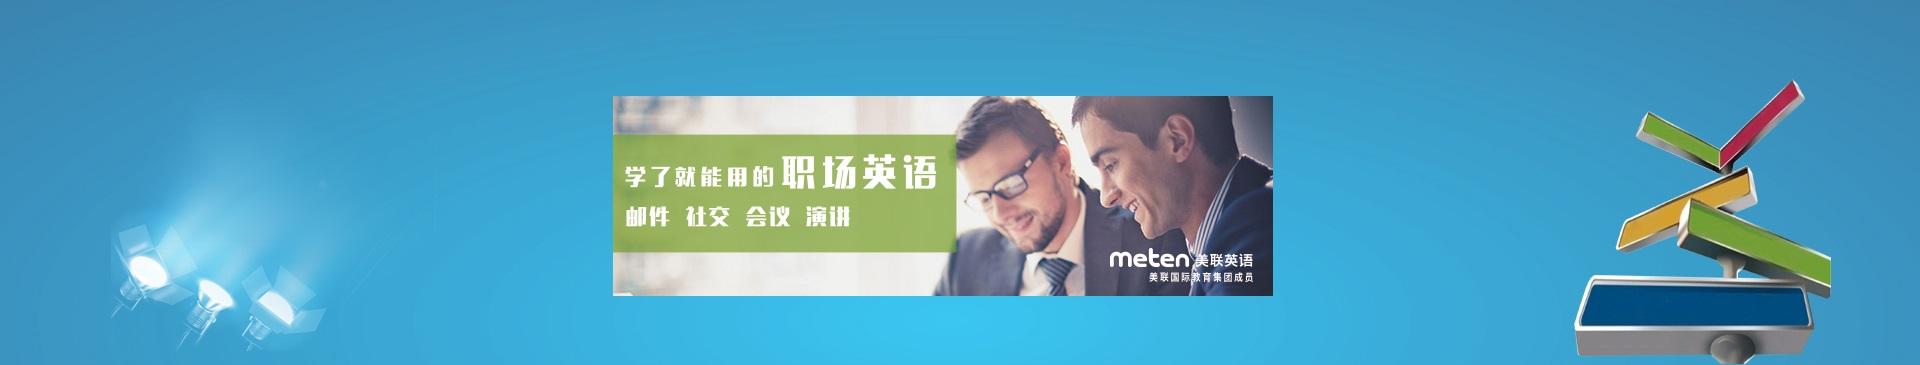 北京朝阳区双井美联英语培训